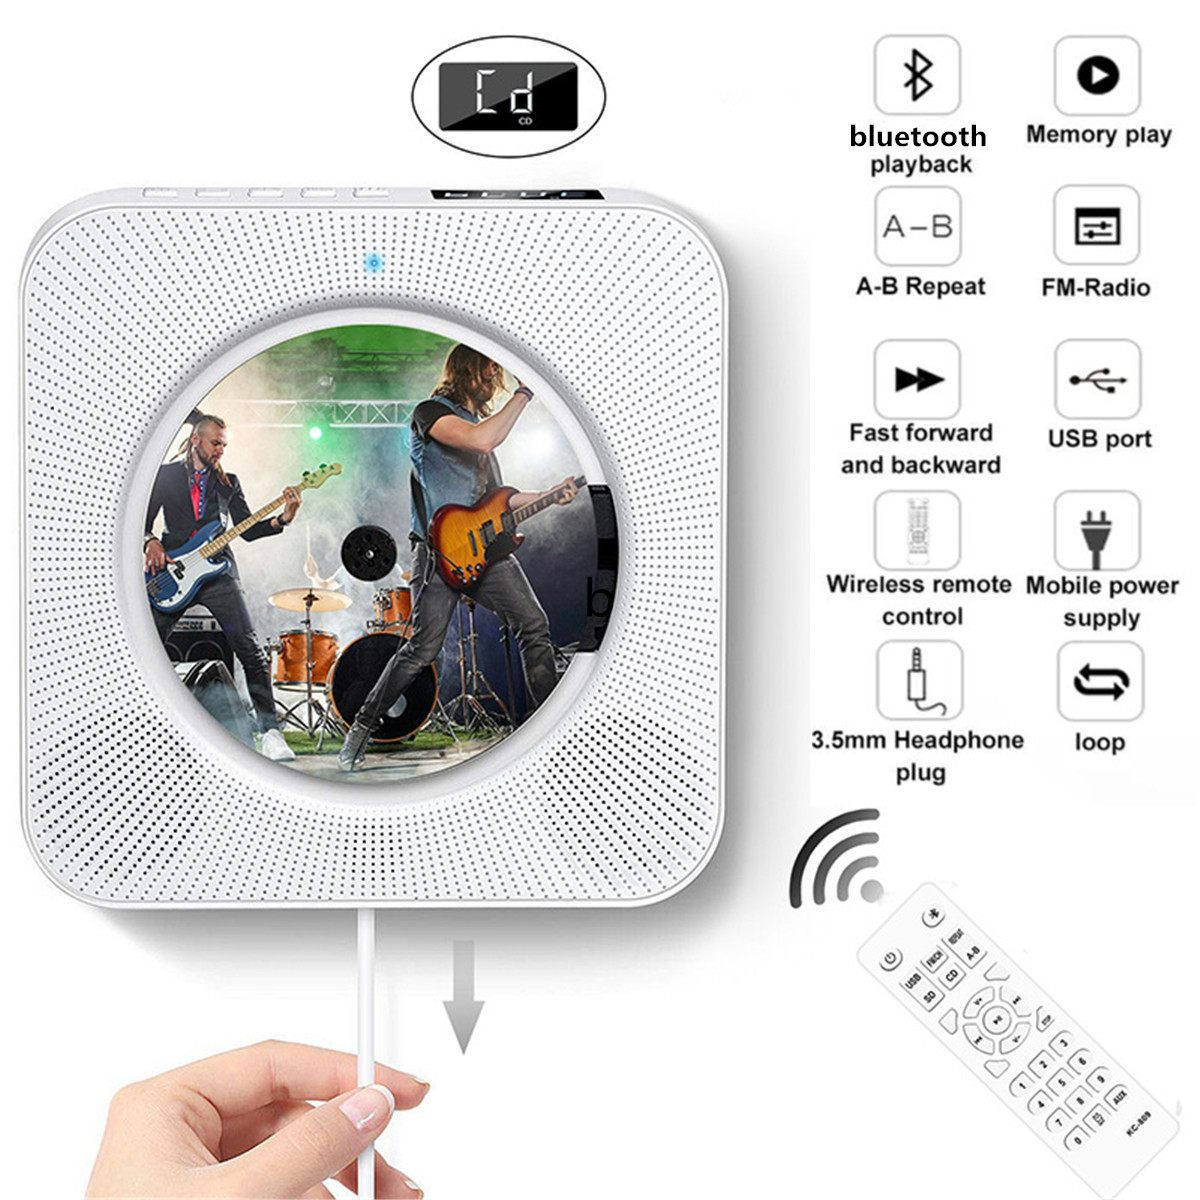 Lecteur CD mural montable bluetooth Portable maison boîte Audio avec télécommande Radio FM haut-parleurs HiFi intégrés MP3 100-240V